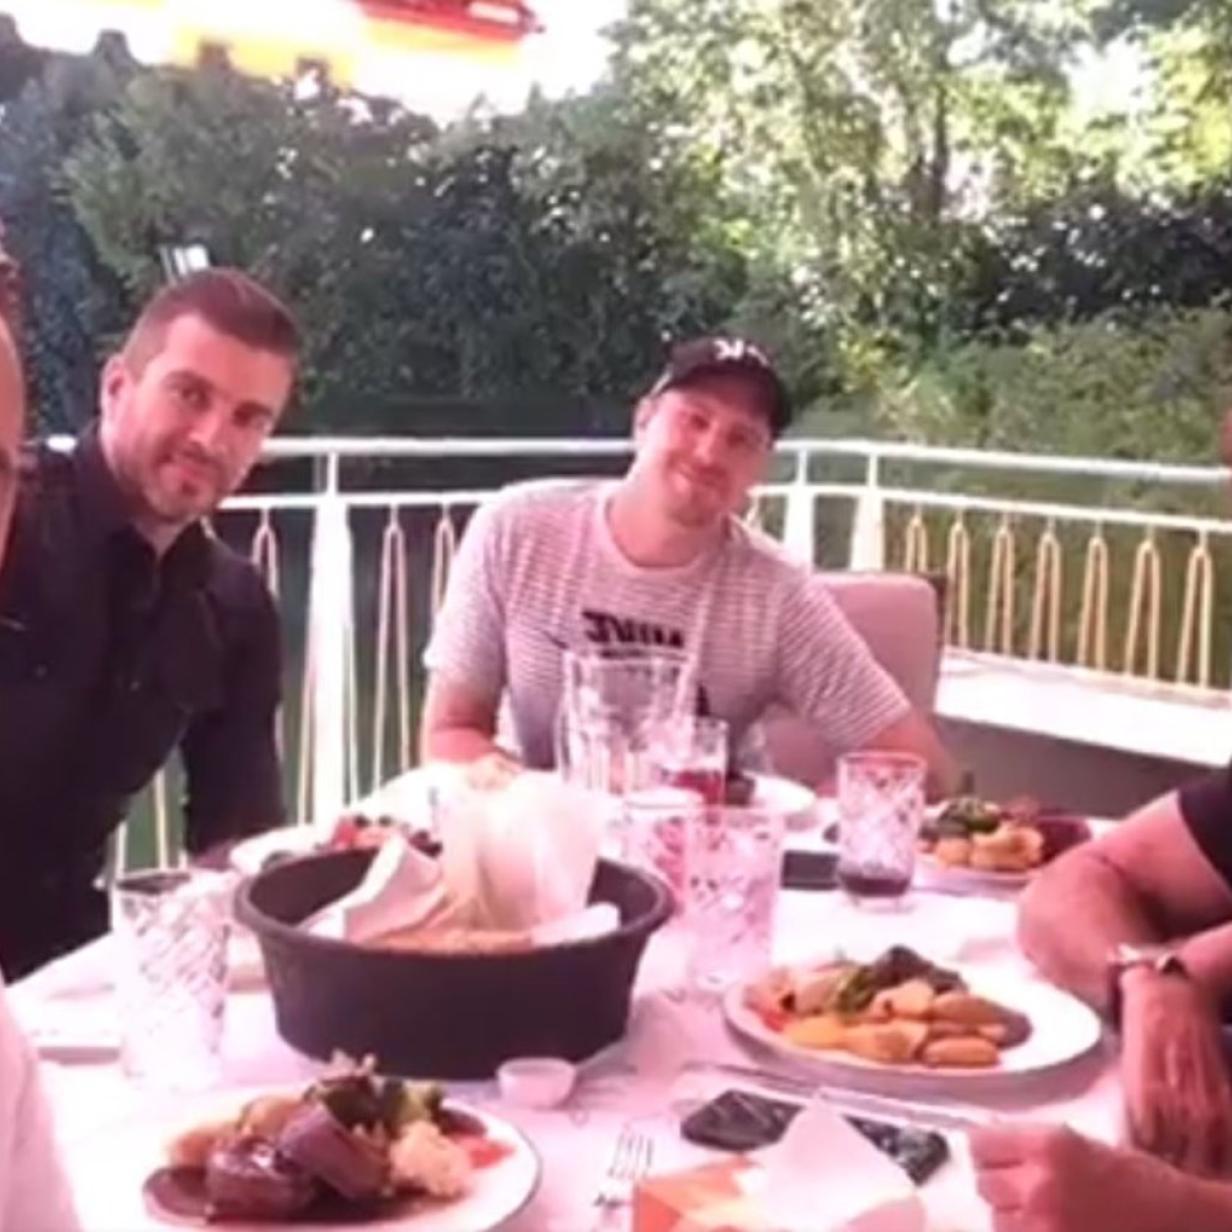 Andreas Gabalier und David Hasselhoff essen gemeinsam Steak